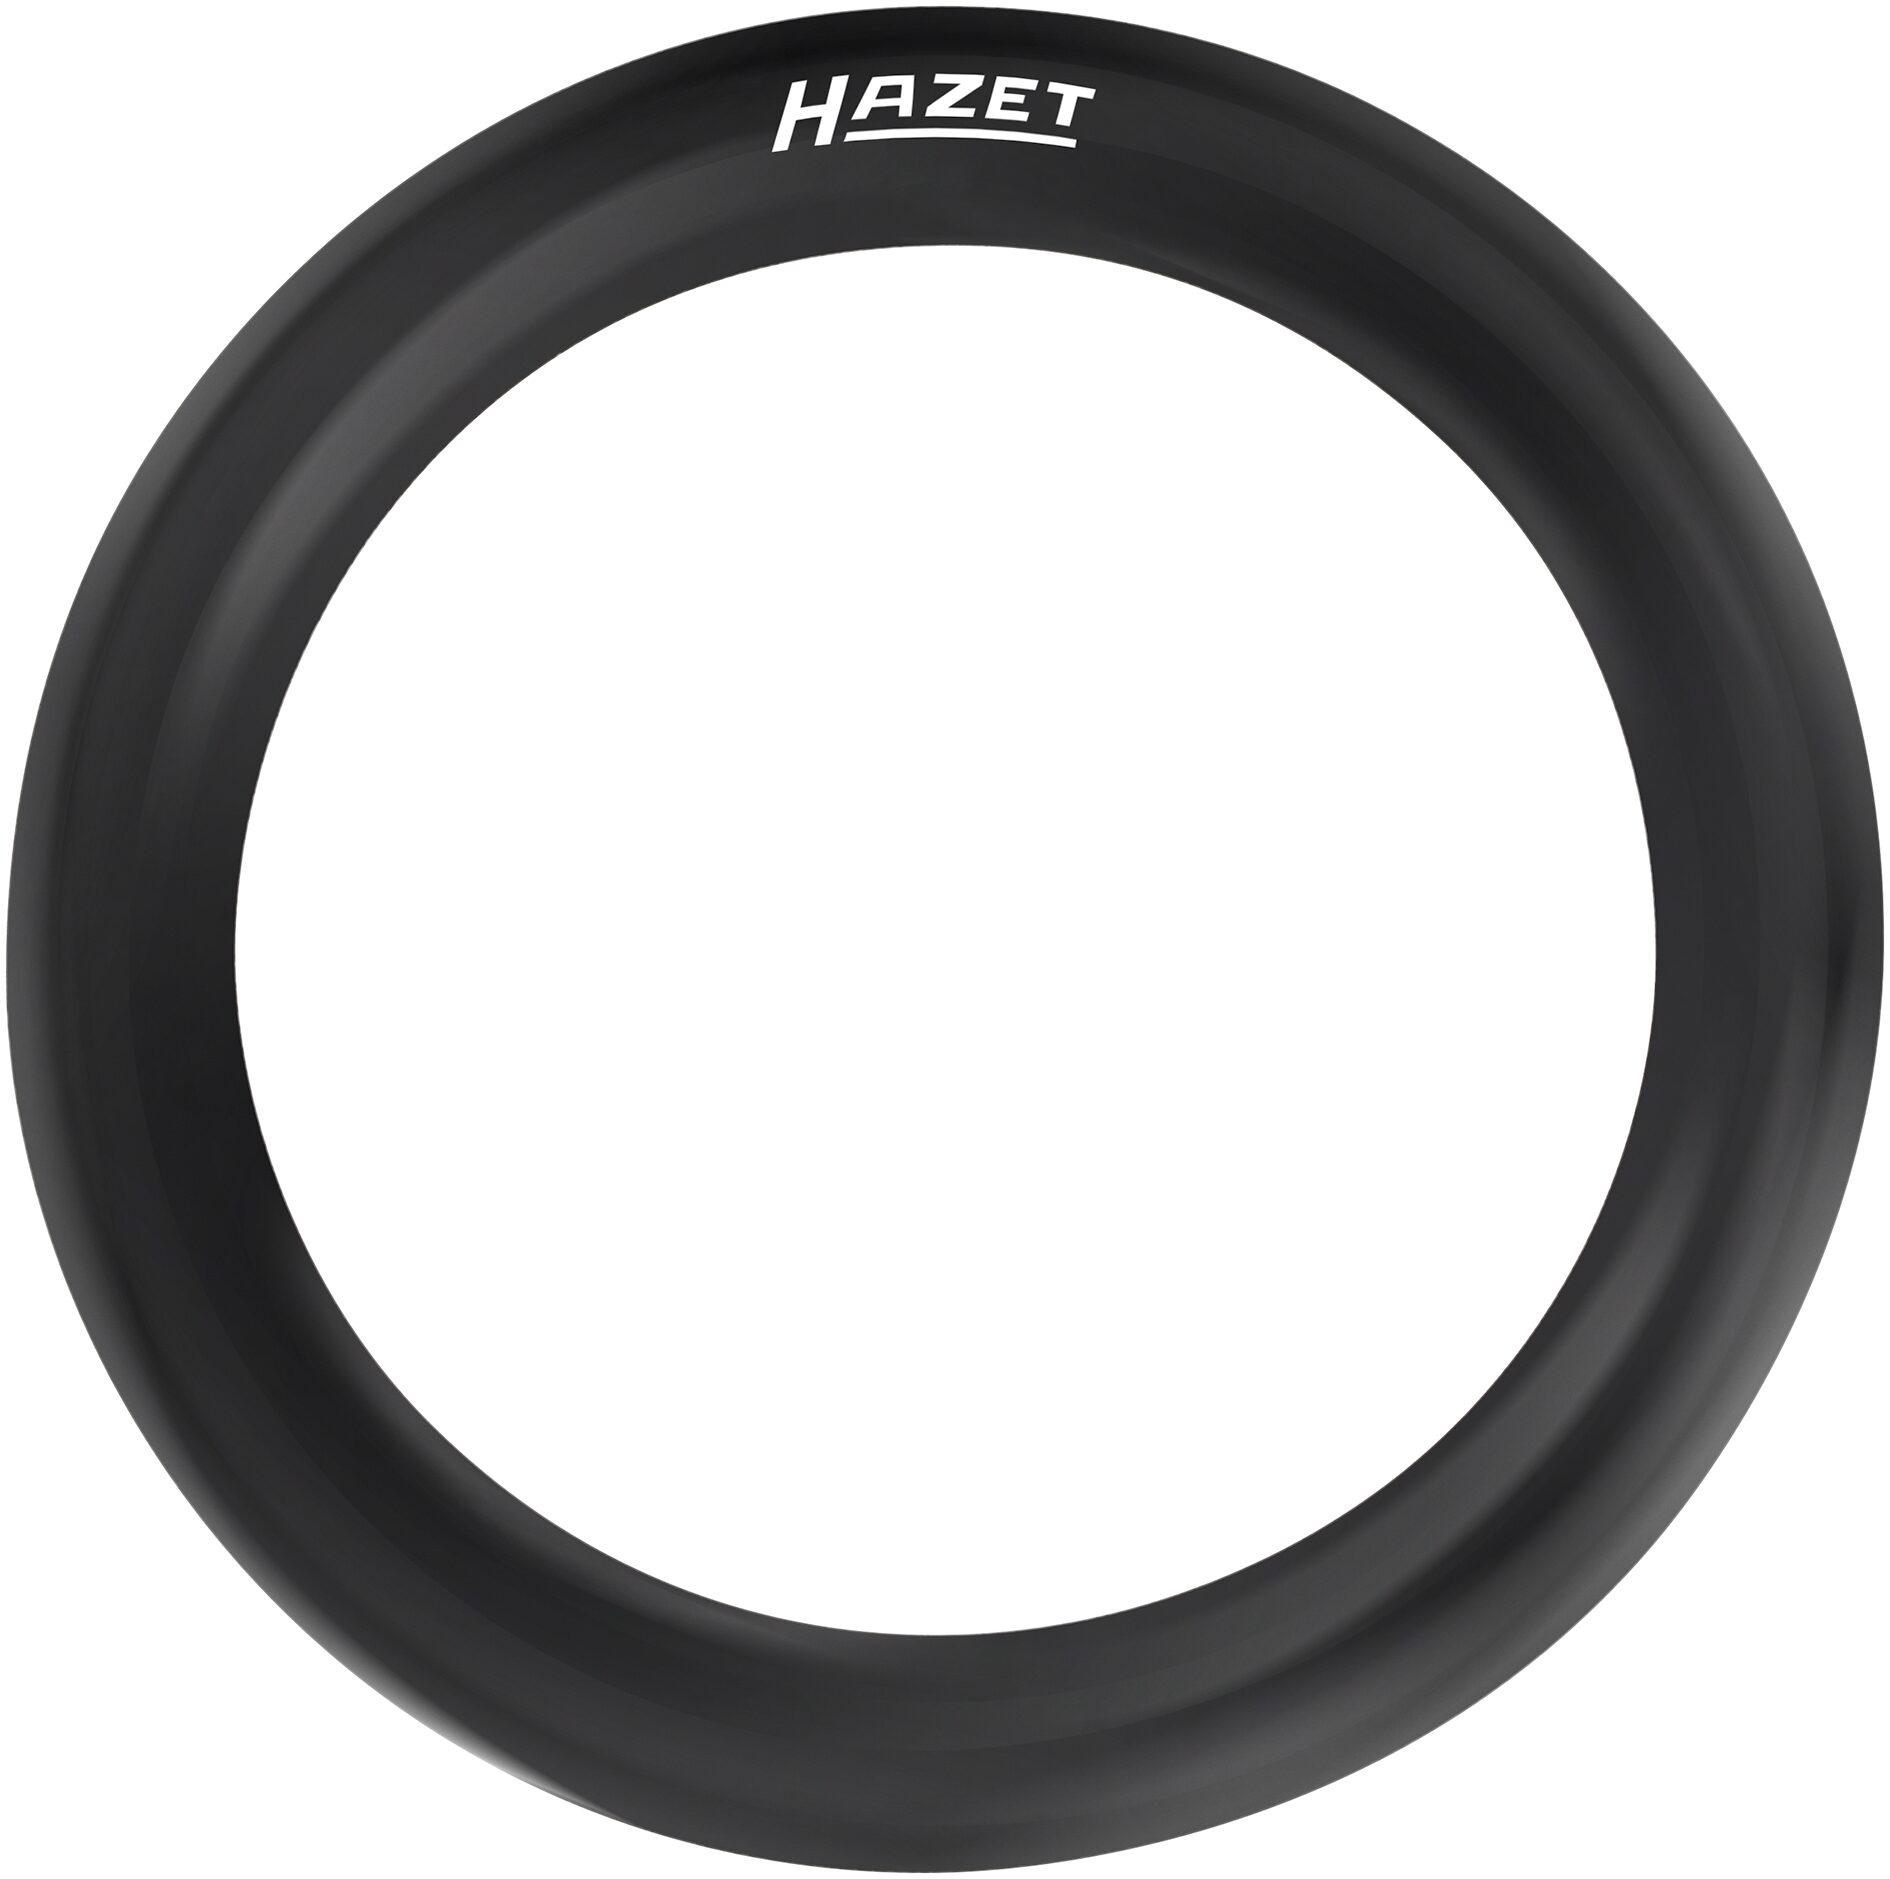 HAZET O-Ring 900S-G1014 ∙ Vierkant hohl 12,5 mm (1/2 Zoll) ∙ ∅ 19 x 4